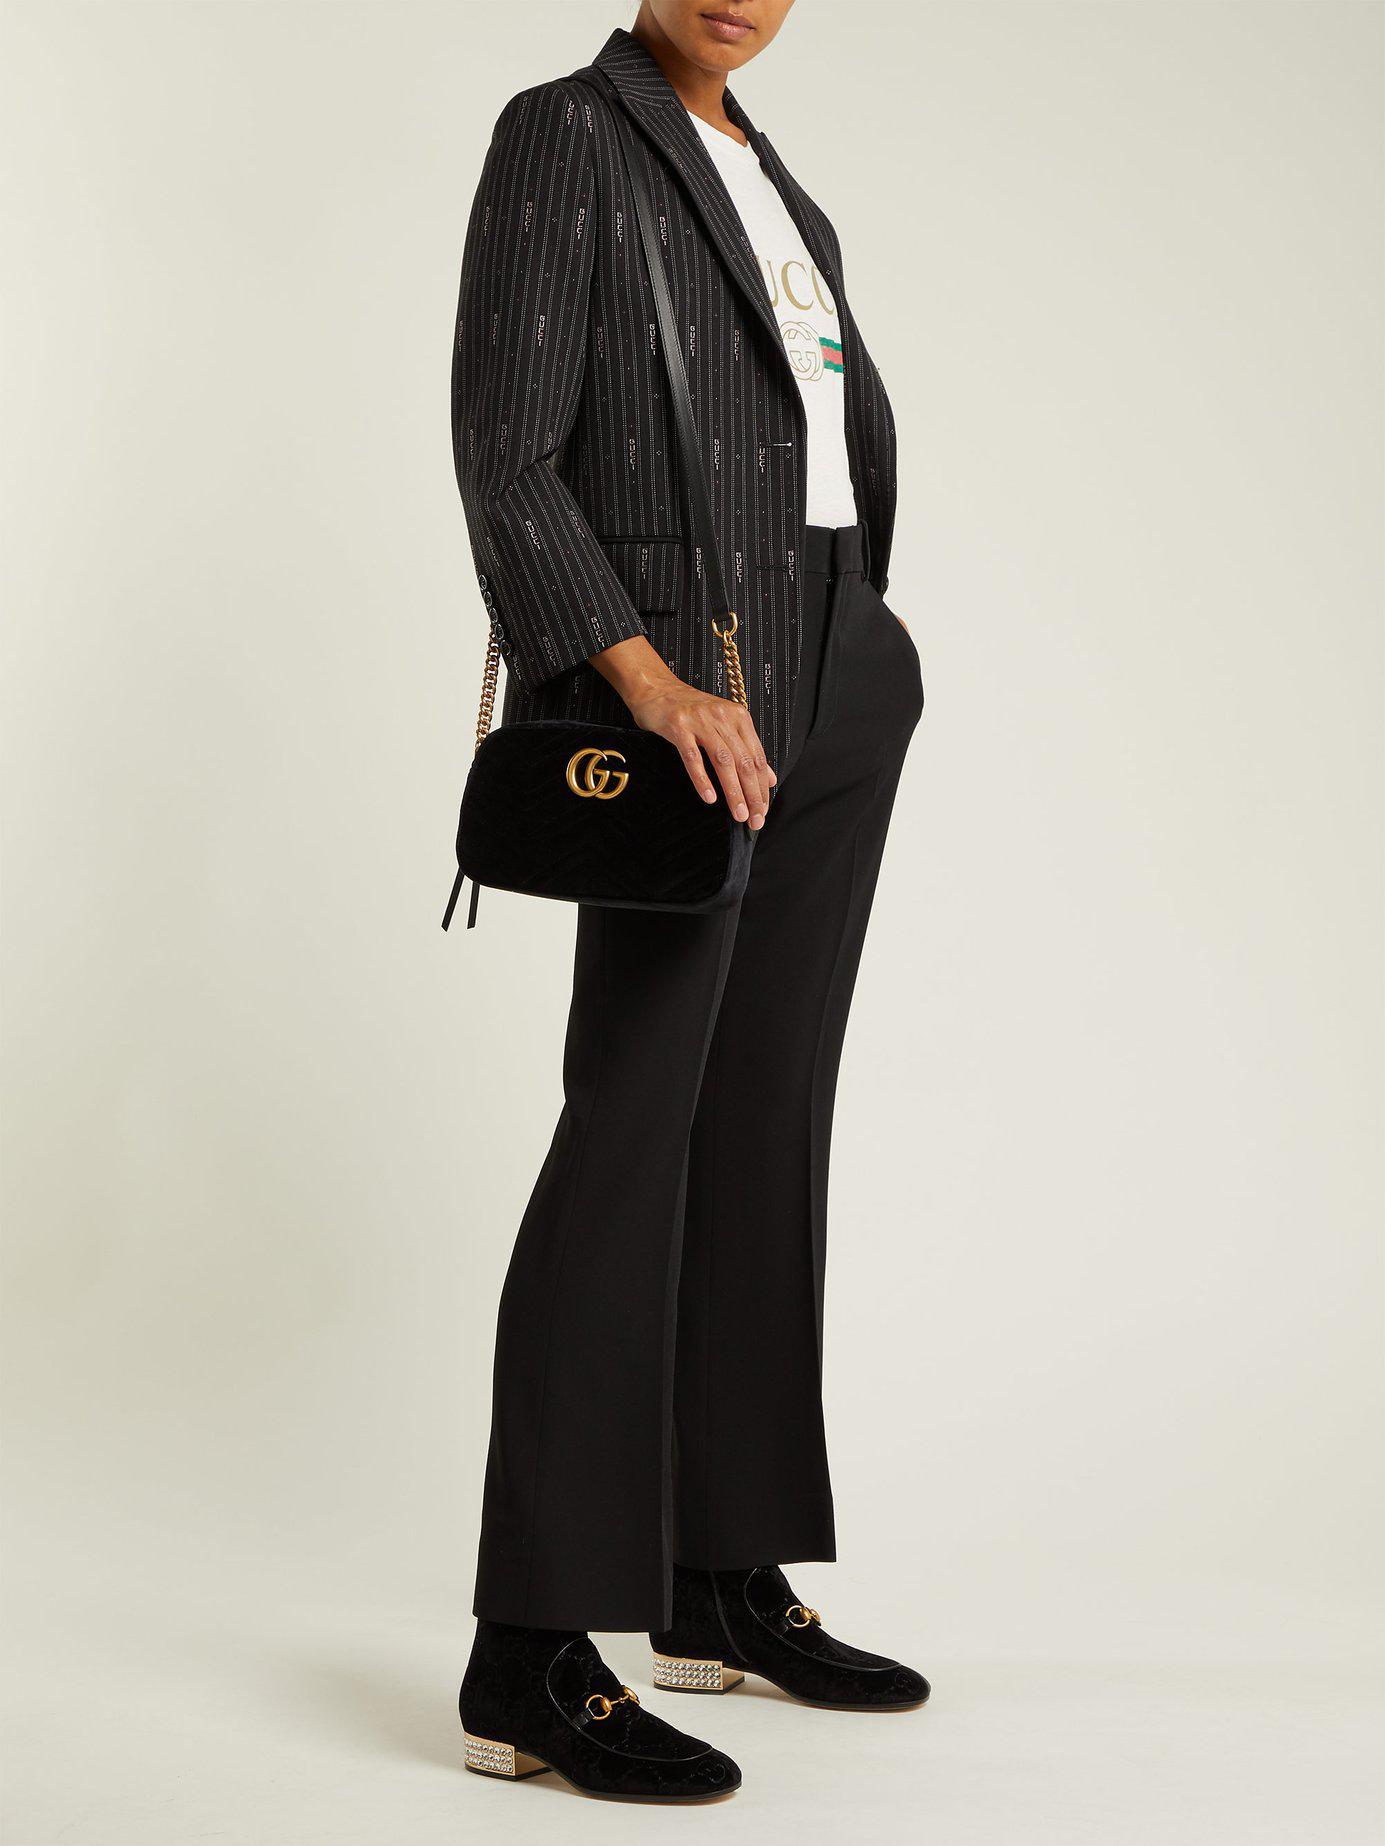 8371ddf51587 Gucci GG Marmont Velvet Small Shoulder Bag in Black - Save 9% - Lyst